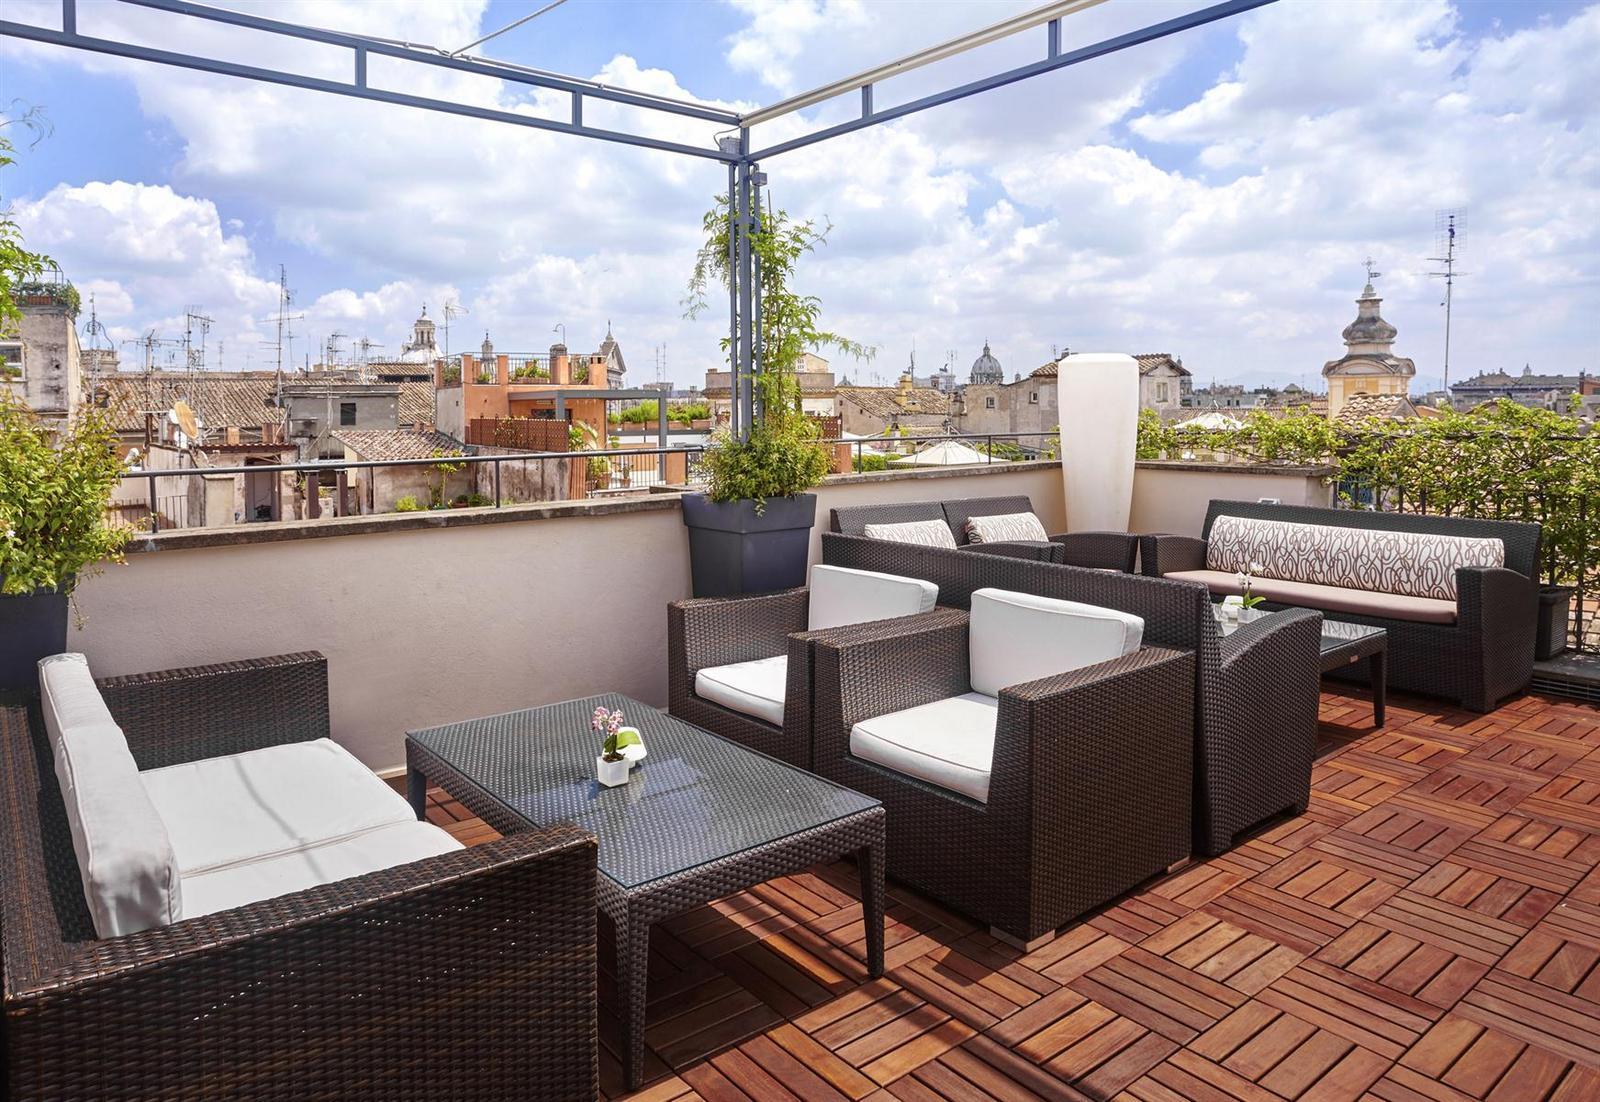 ресторан с панорамной террасой